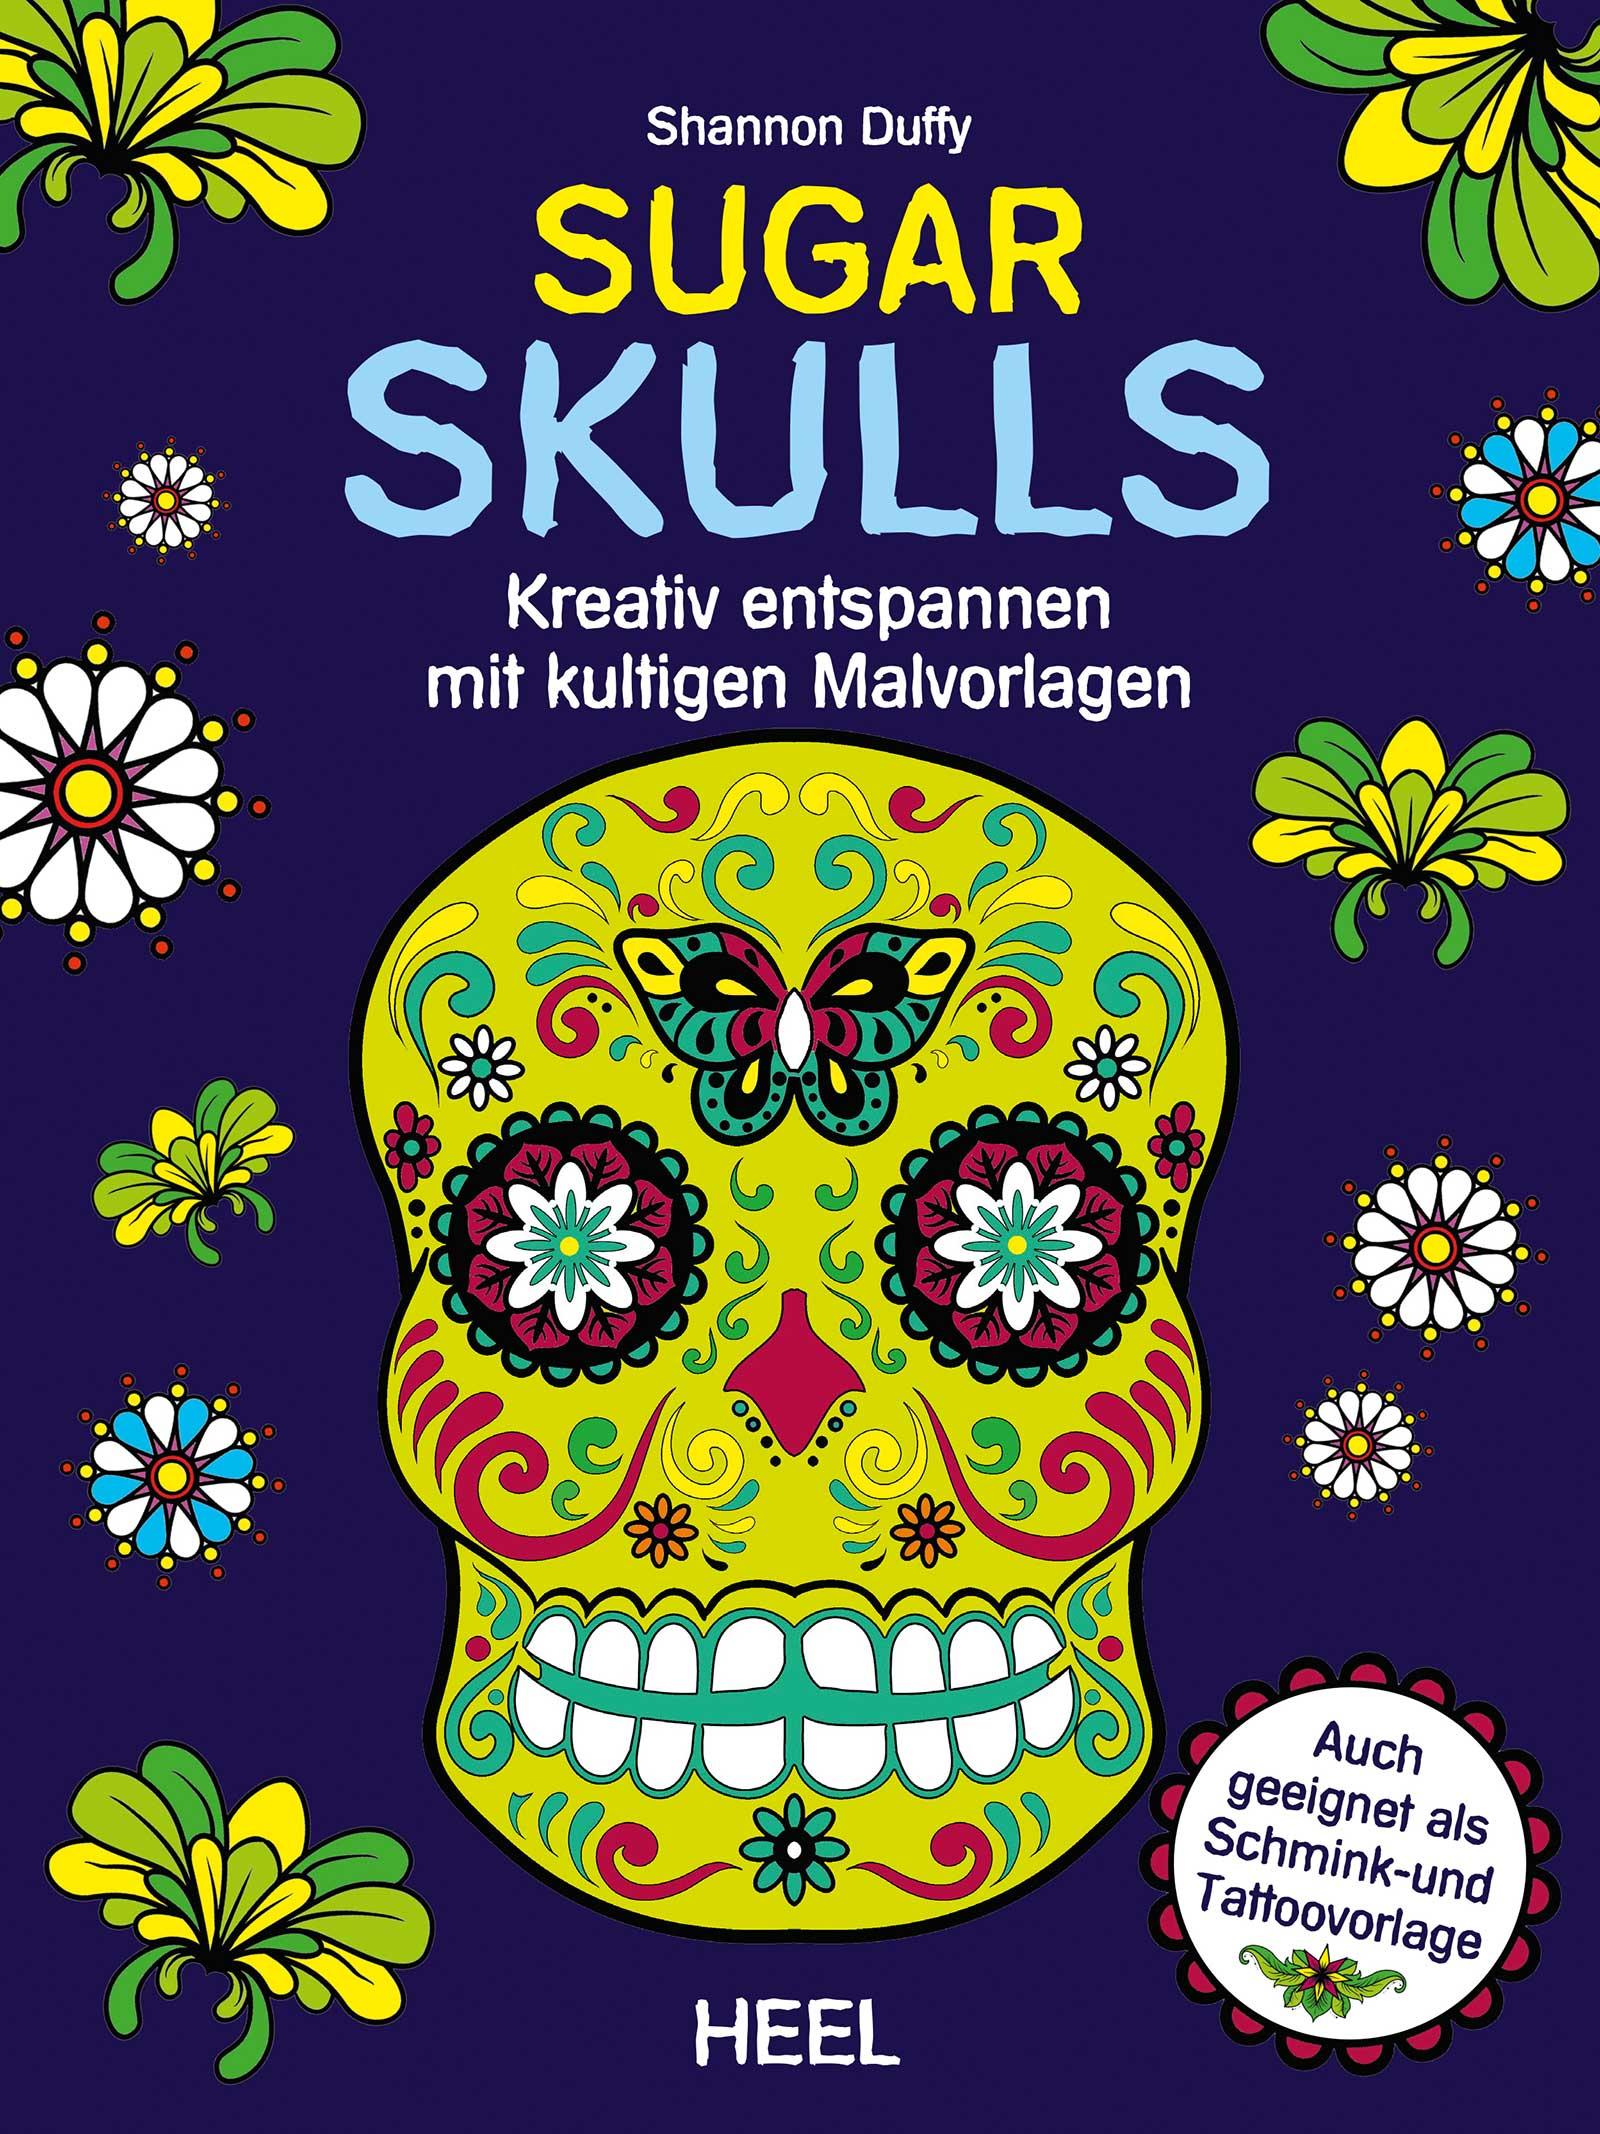 Sugar Skulls von Duffy, Shannon: Kreativ entspannen mit kultigen Malvo